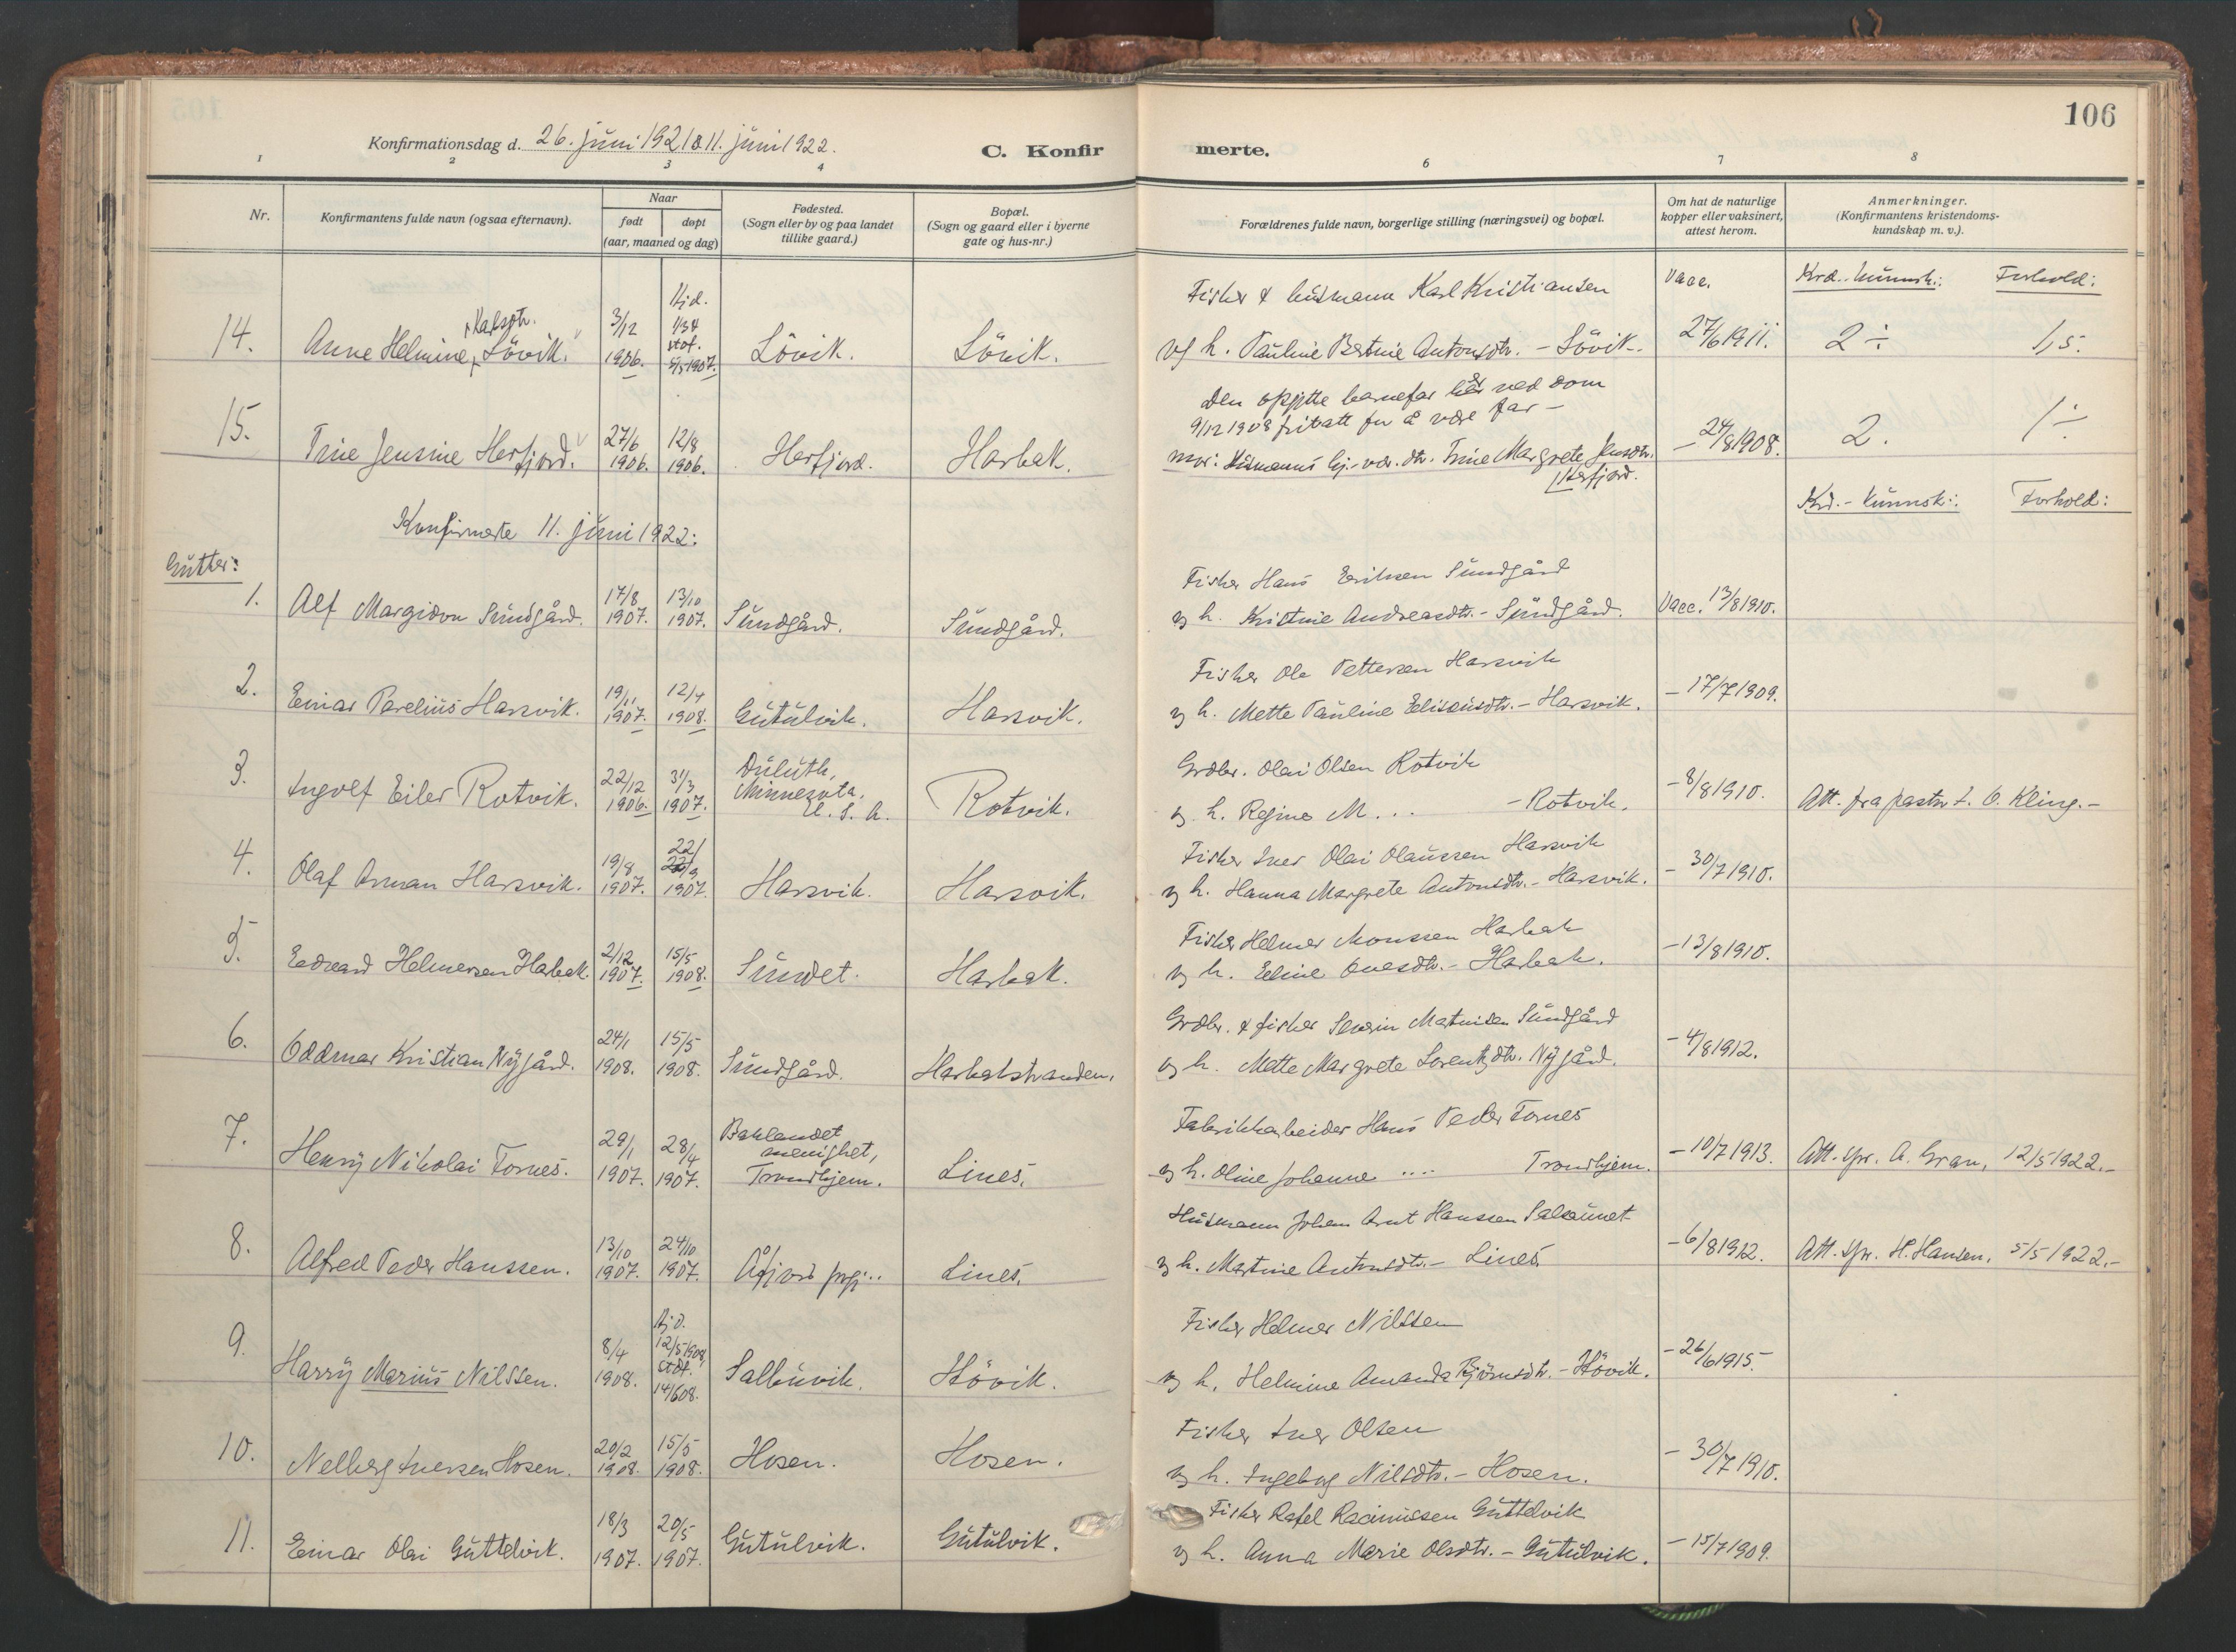 SAT, Ministerialprotokoller, klokkerbøker og fødselsregistre - Sør-Trøndelag, 656/L0694: Ministerialbok nr. 656A03, 1914-1931, s. 106